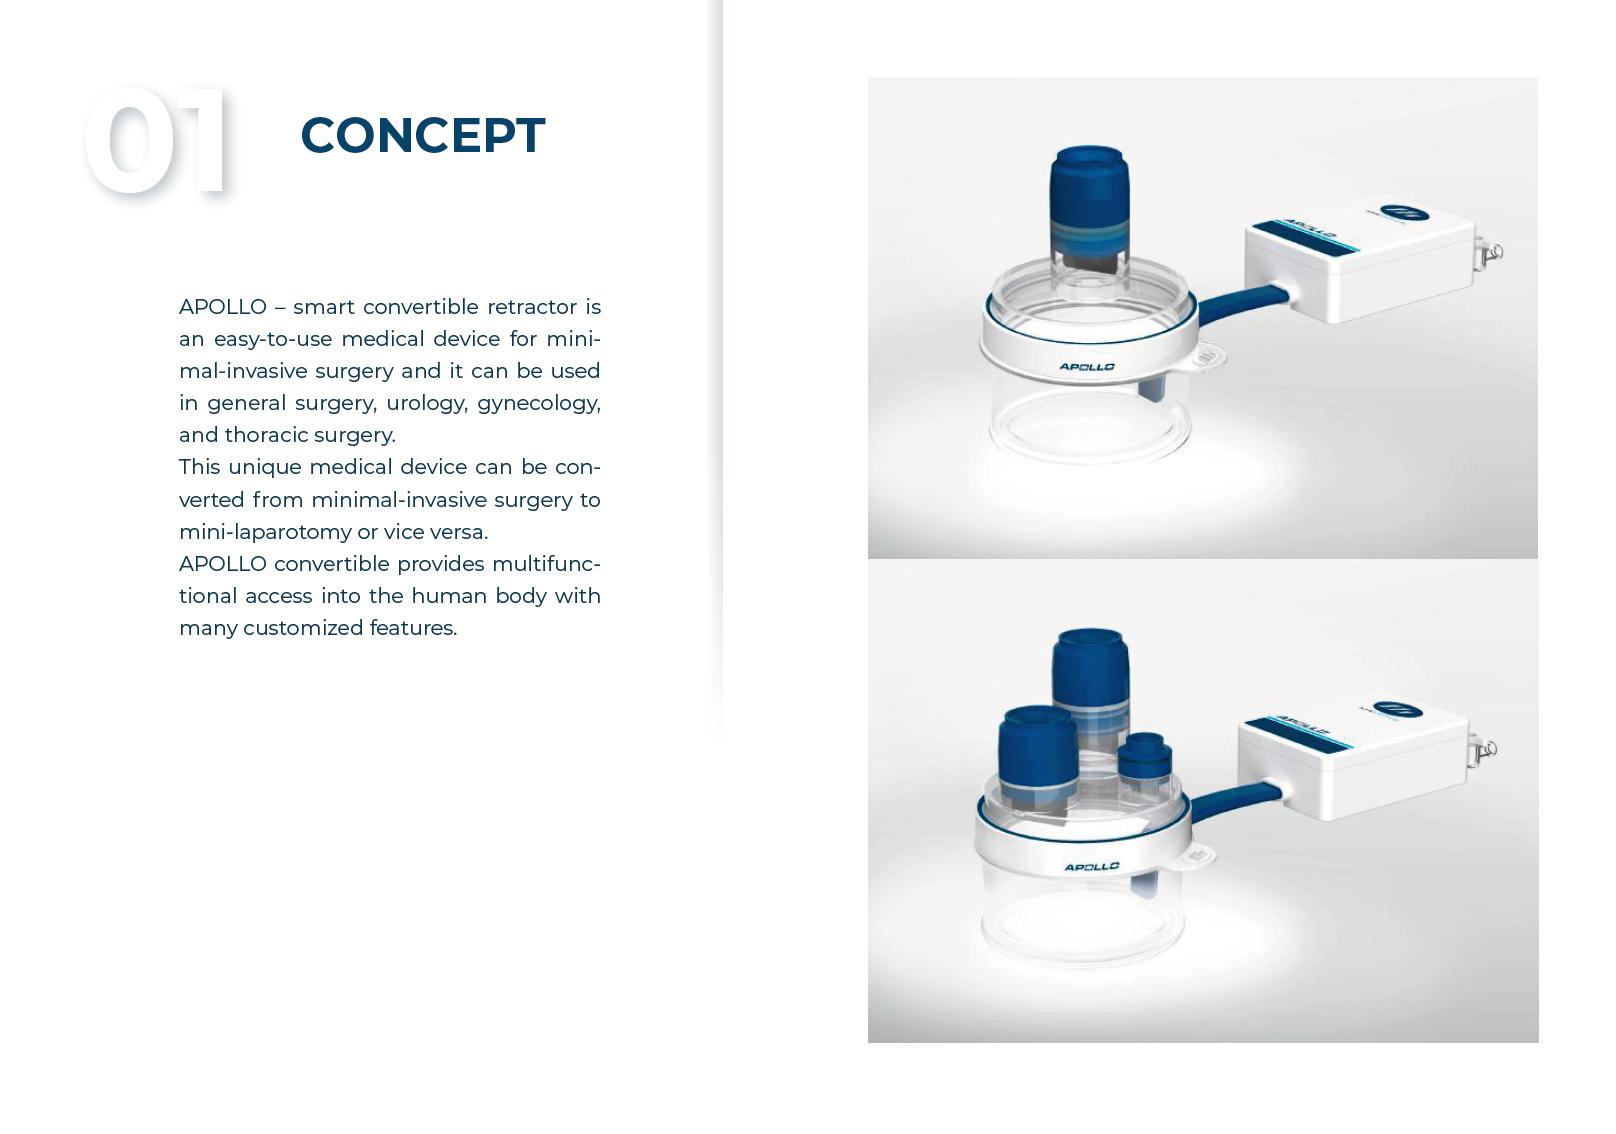 Product Brochure: Smart Convertible Retractor